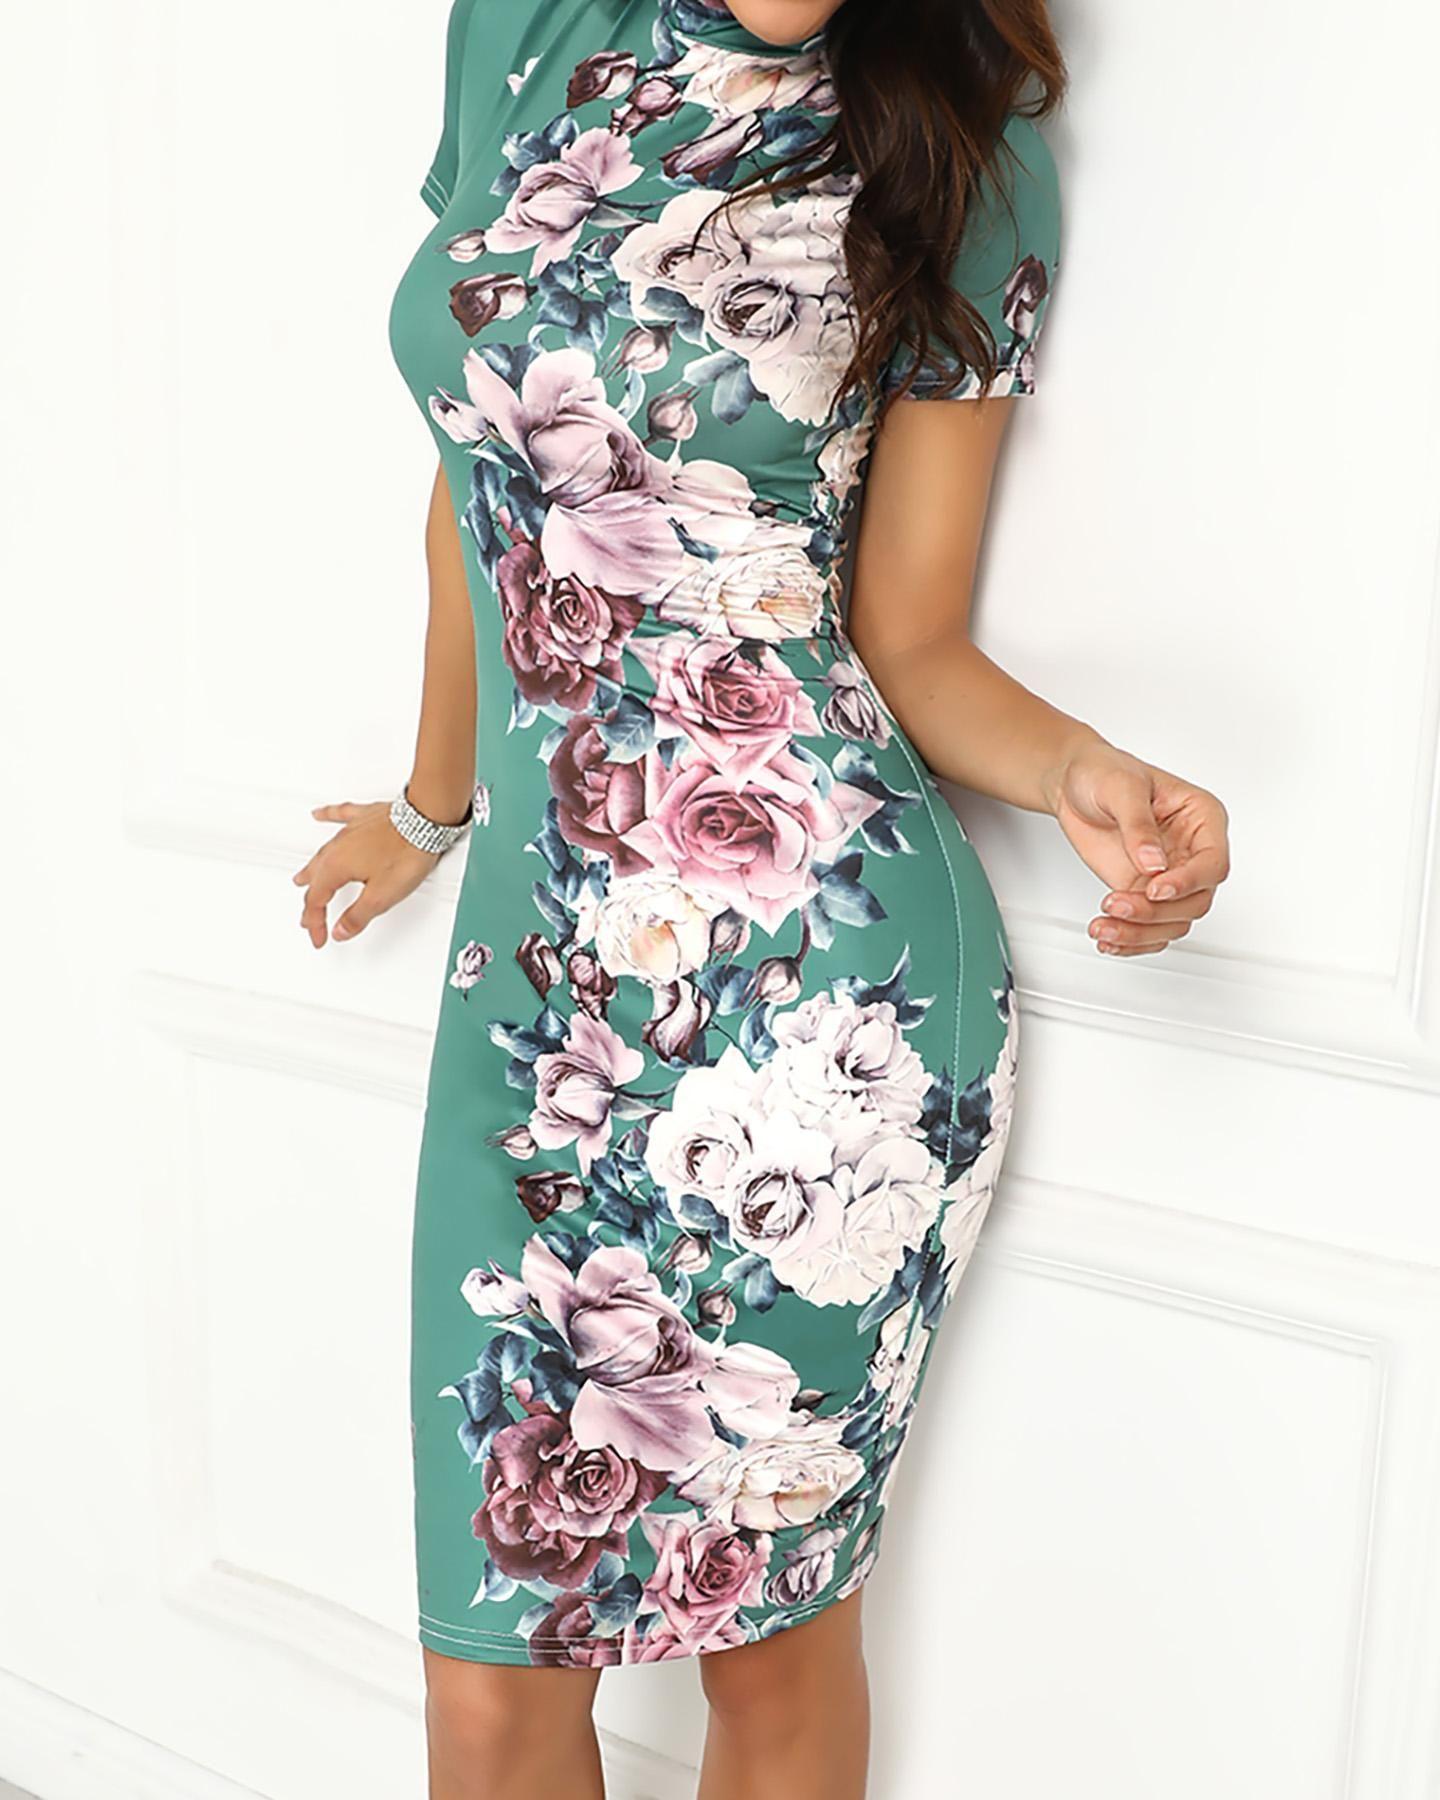 Womens Floral Printed Khloe Kardashian Long Sleeves Ladies Bodycon Mini Dress